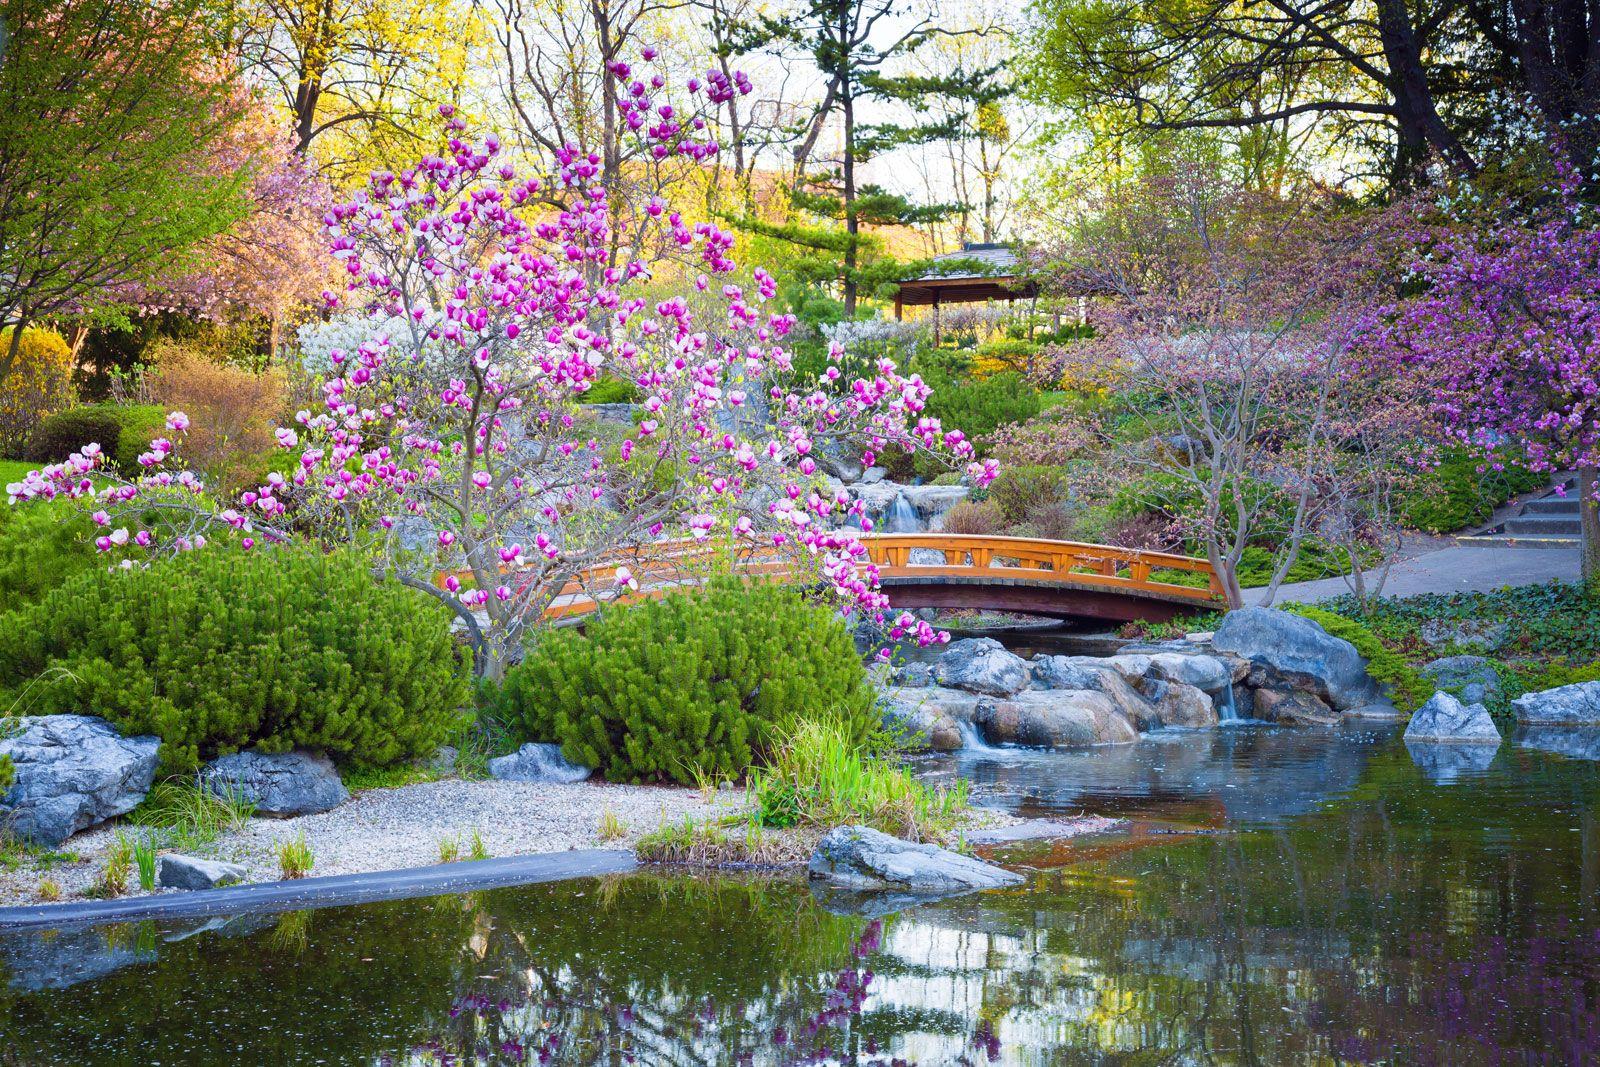 Https Cdn Britannica Com 37 191237 050 574791a6 Garden Japanese Jpg In 2020 Japanese Water Gardens Japanese Garden Japanese Garden Design